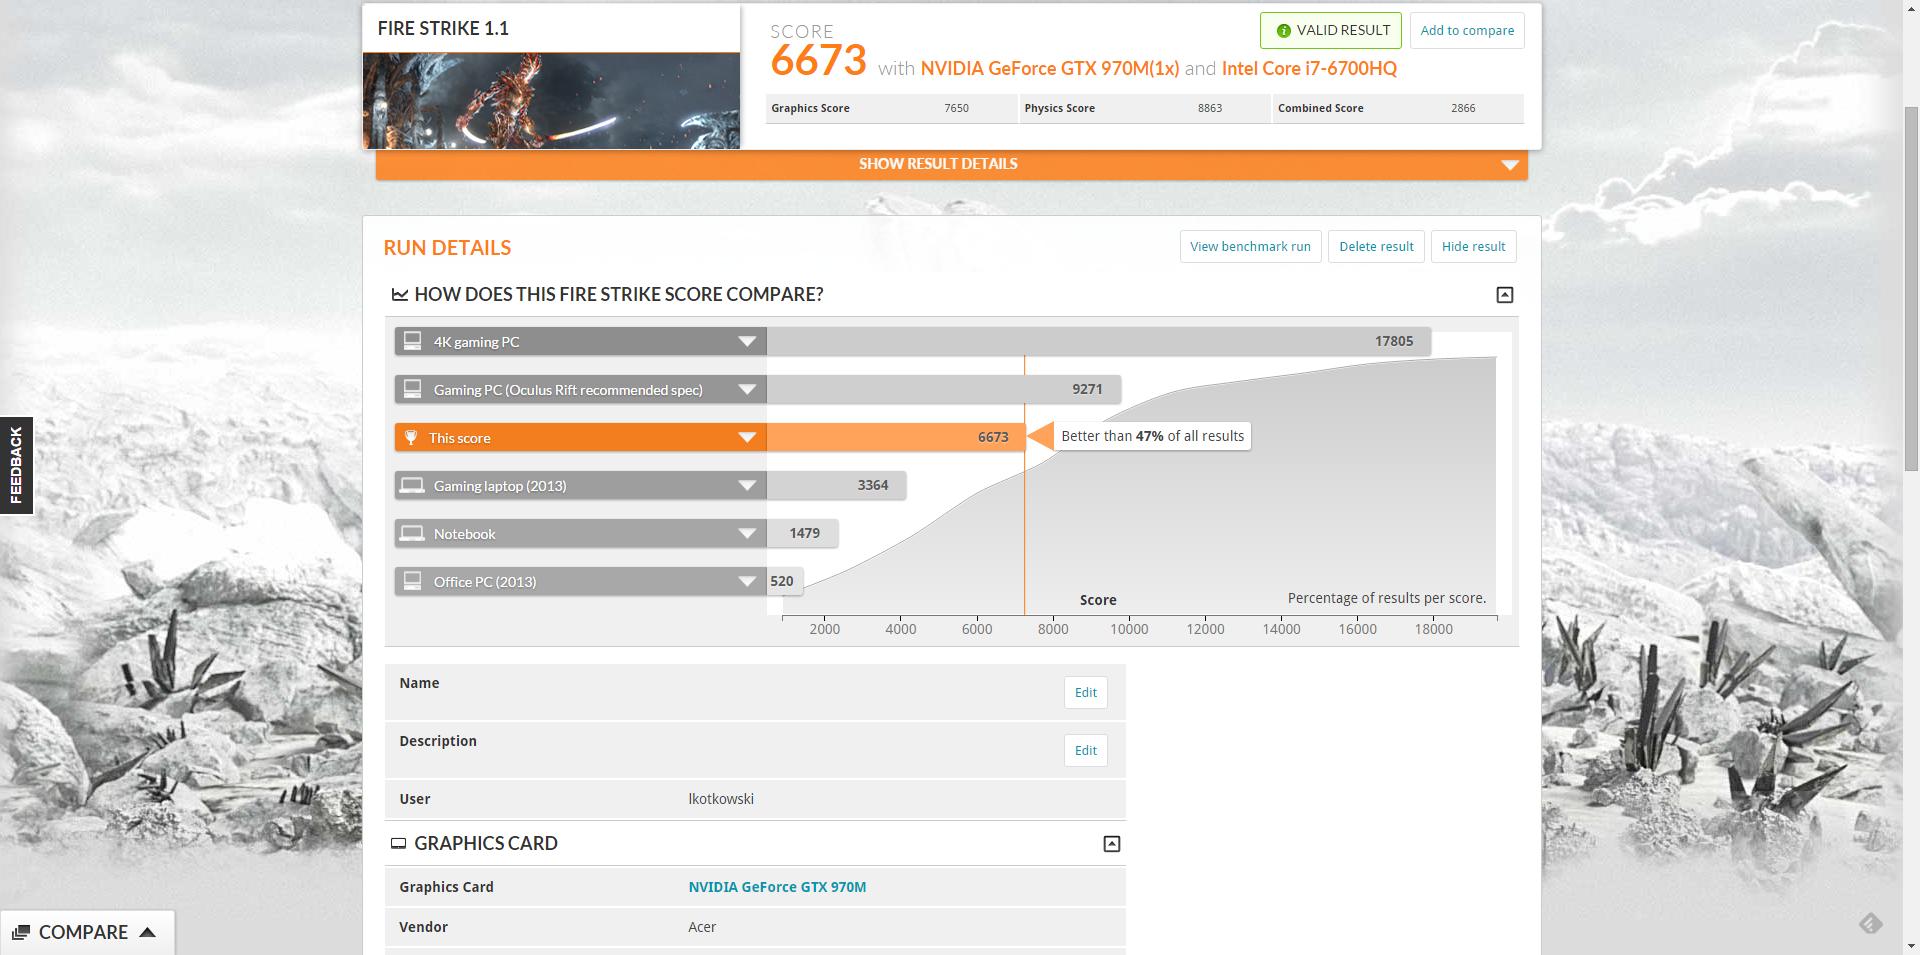 Acer Predator 17 osiąga bardzo dobre wyniki w benchmarkach.